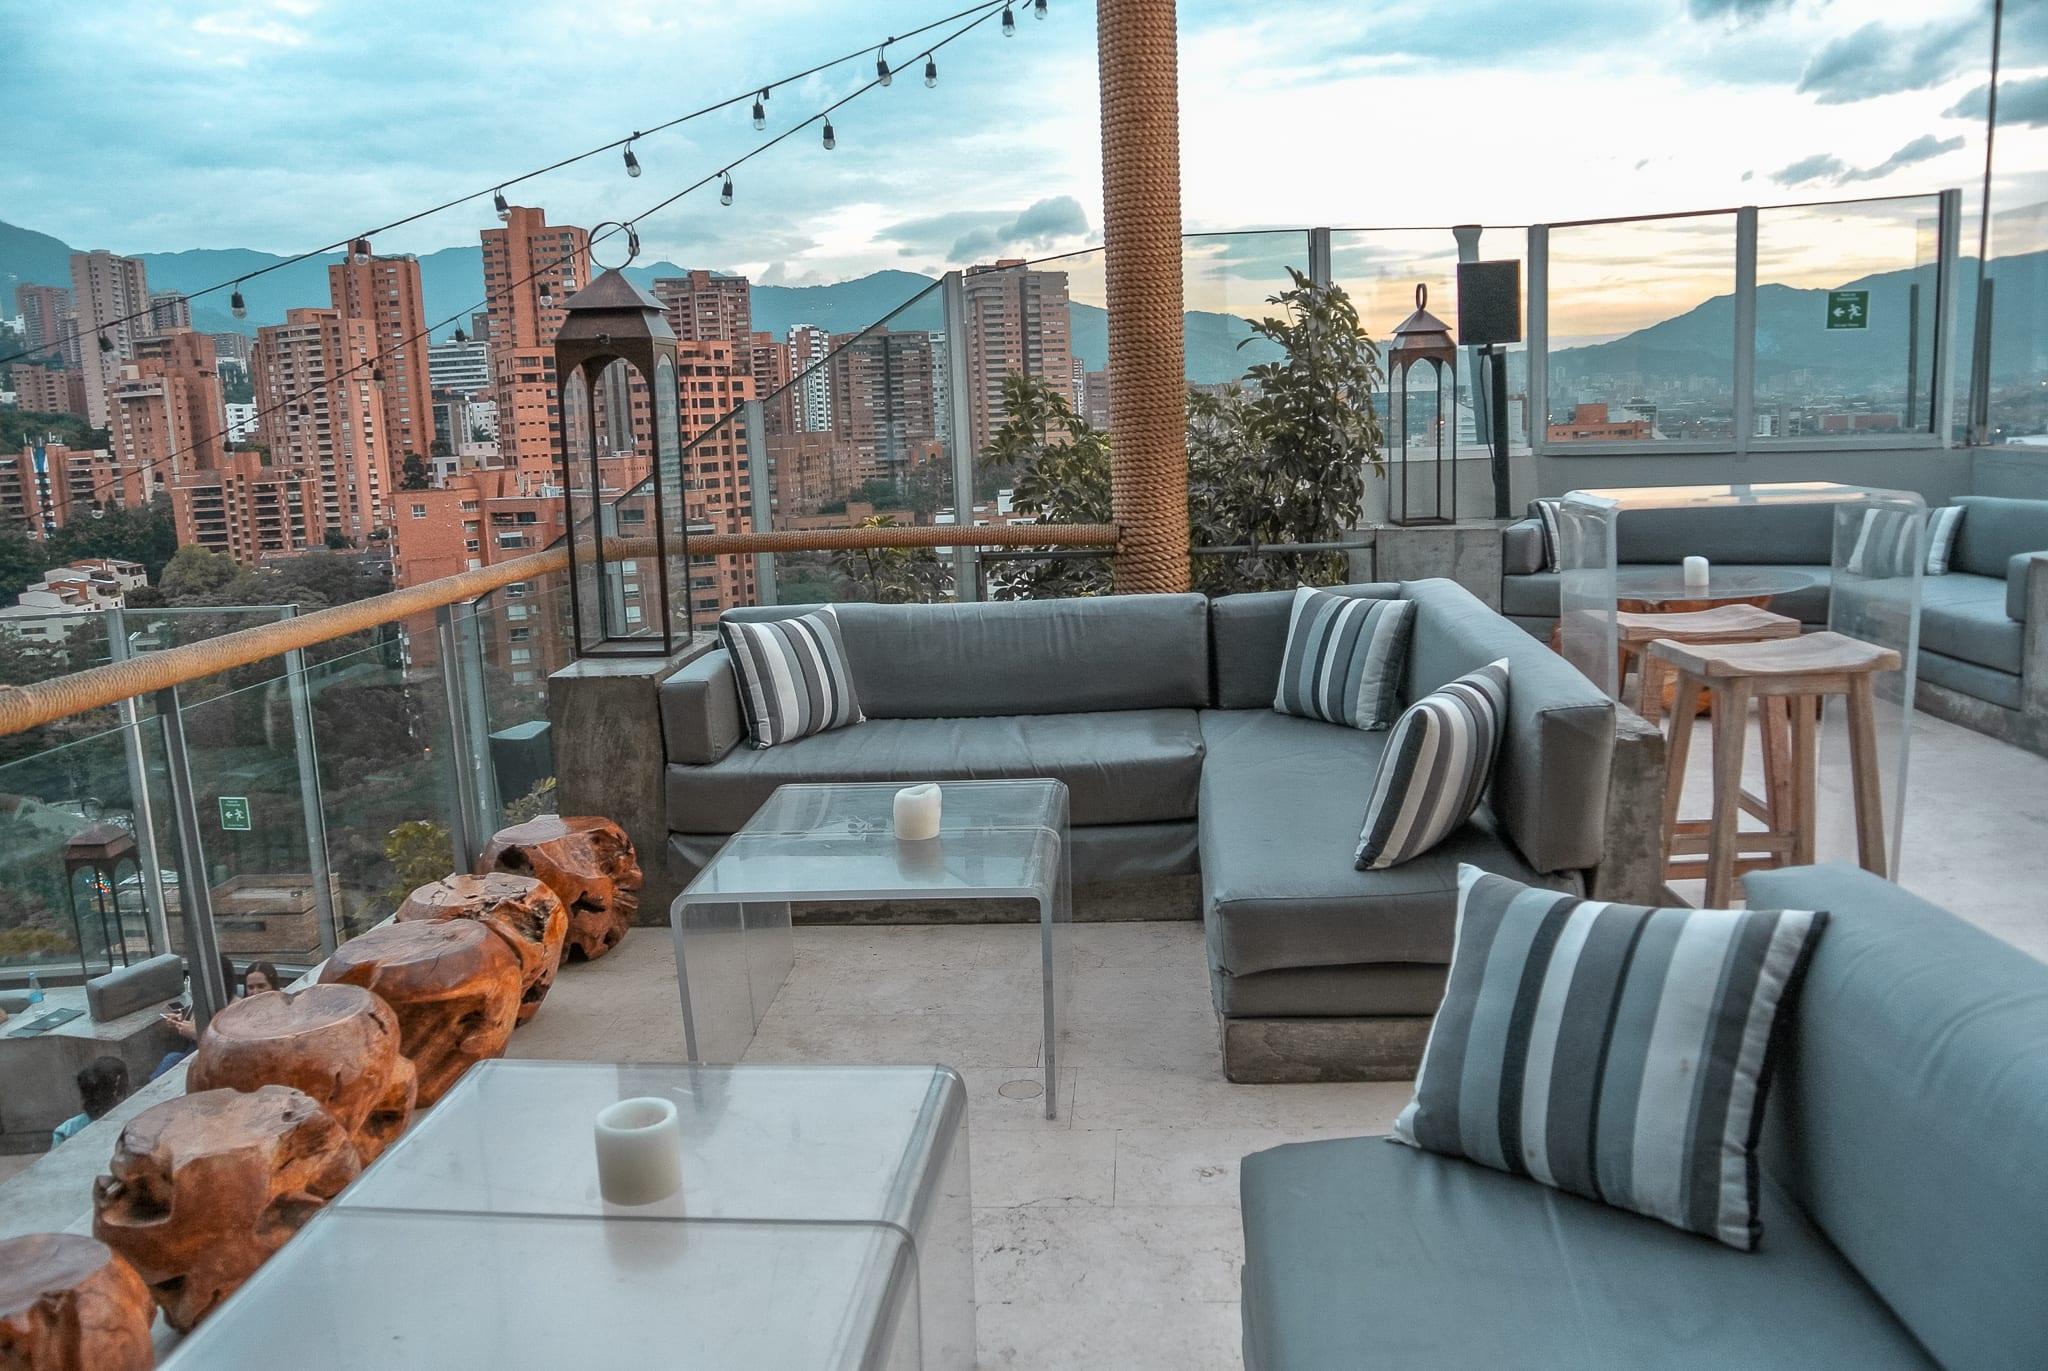 Le rooftop de Envy Roof Top donnant une vue sur Medellín en Colombie